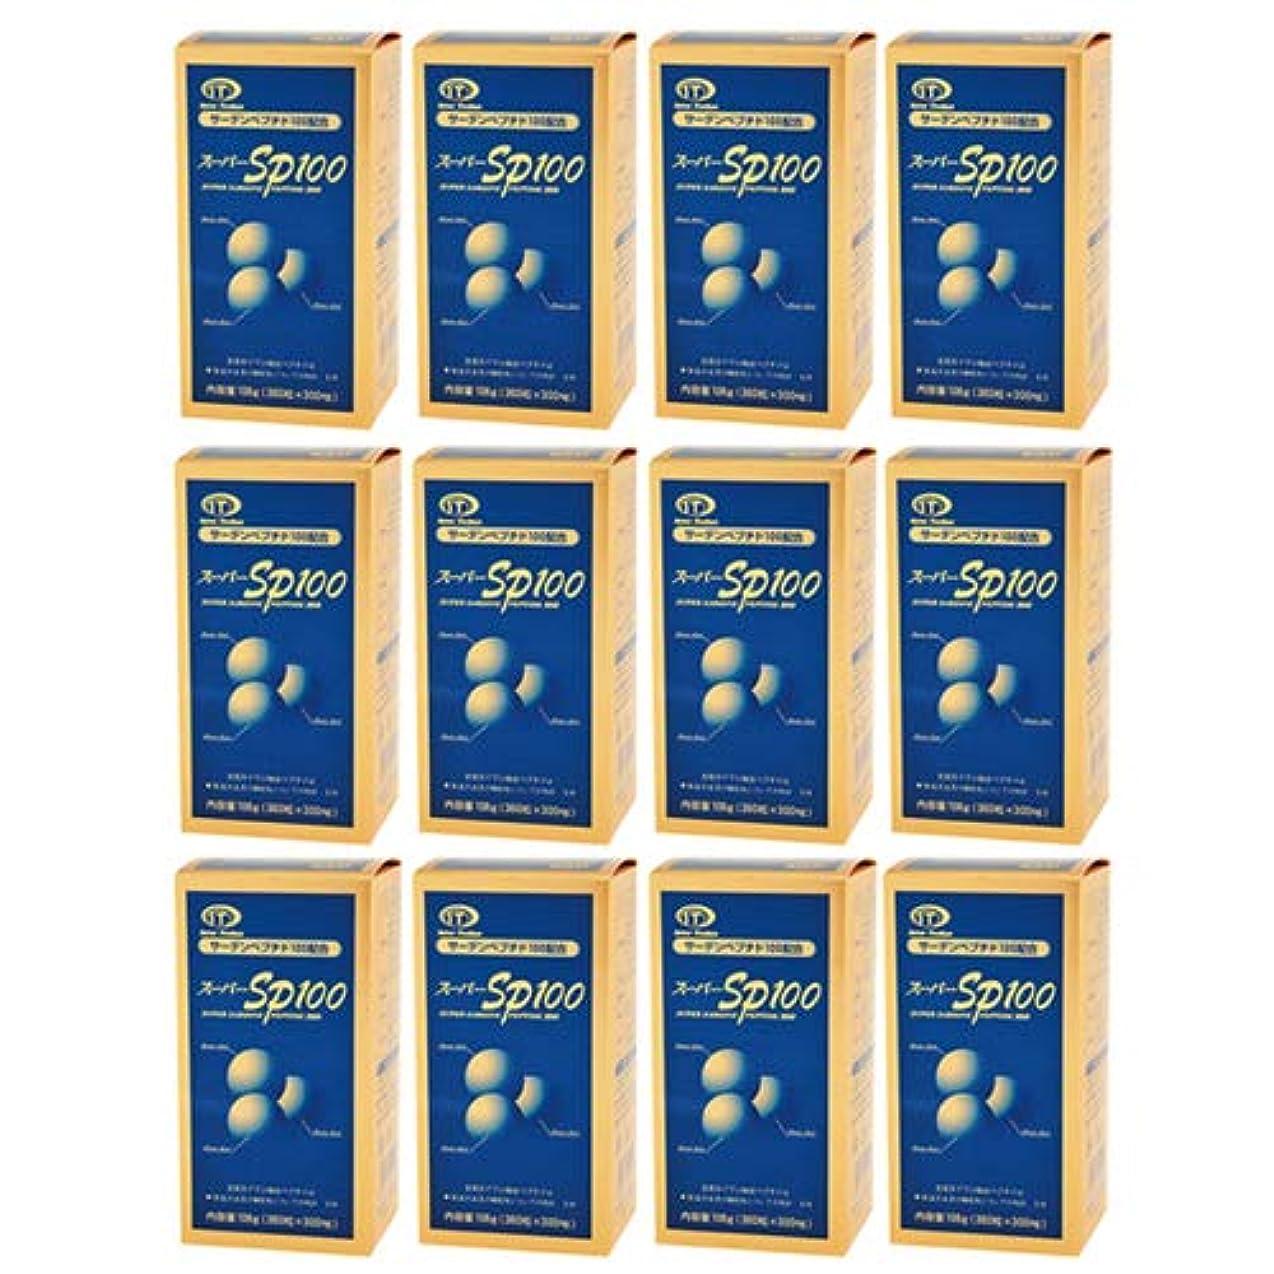 動的眩惑する服を洗うスーパーSP100(イワシペプチド)(360粒) 12箱